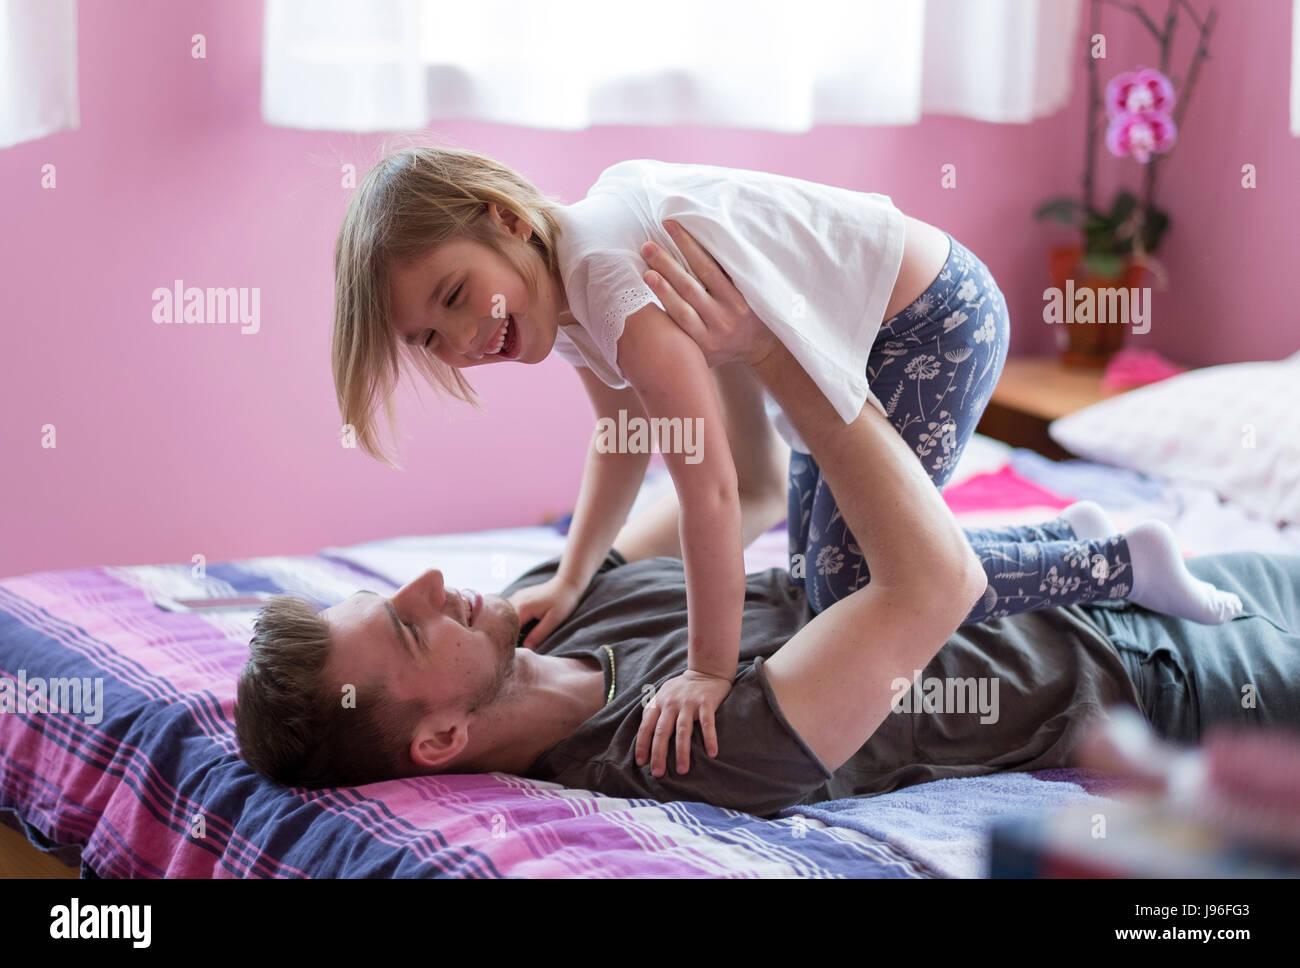 Hermano y hermana jugando en la cama Imagen De Stock